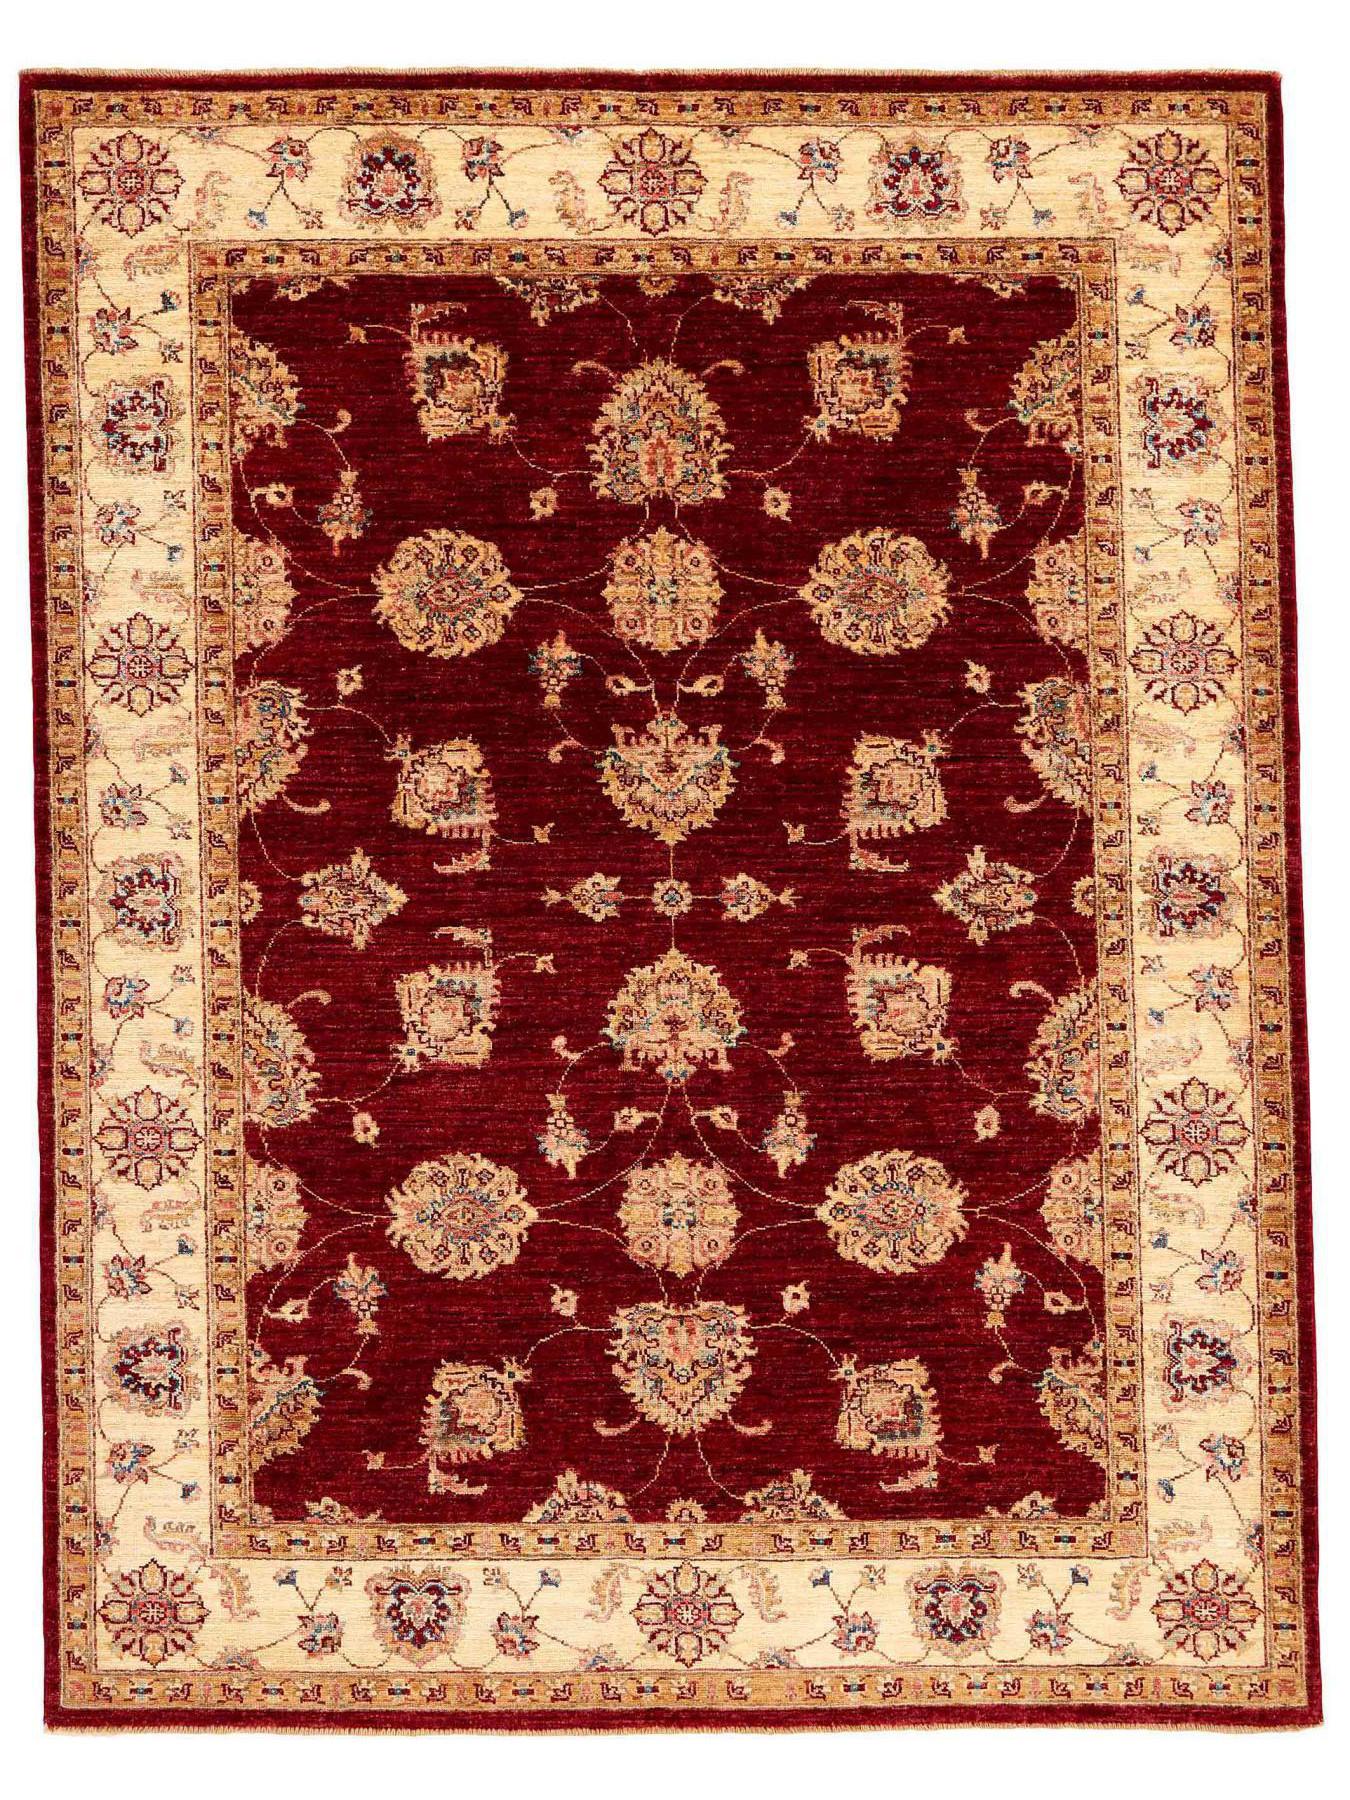 Ziegler tapijten - Ghaznavi neo-classic fijn